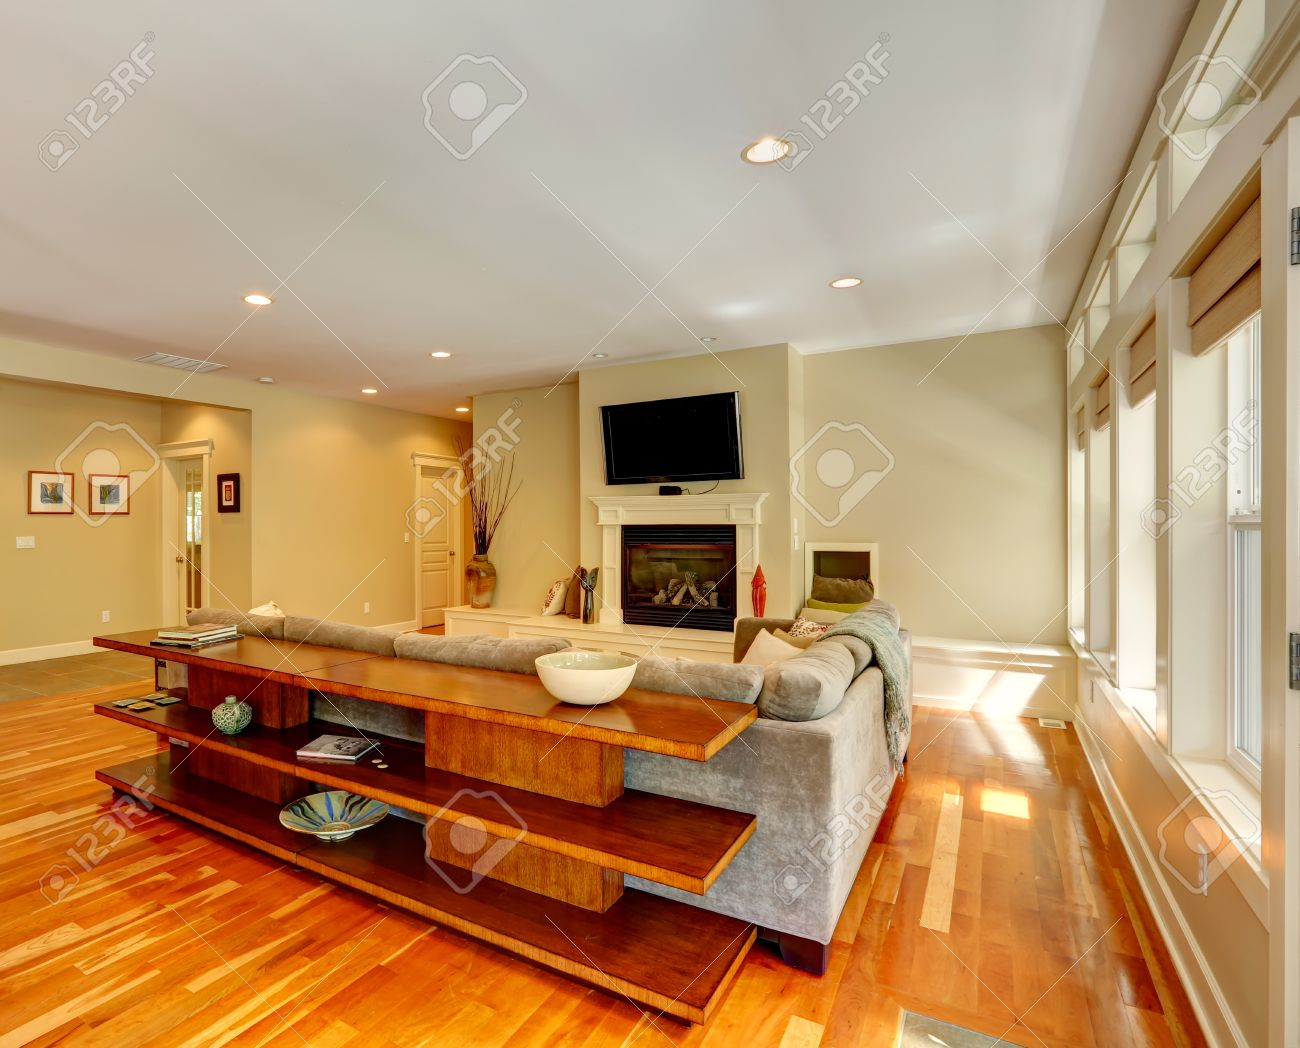 Mit Kamin Und Tv Blick Auf Couch Drei Level Tisch Hinter With Wohnzimmer Fernseher